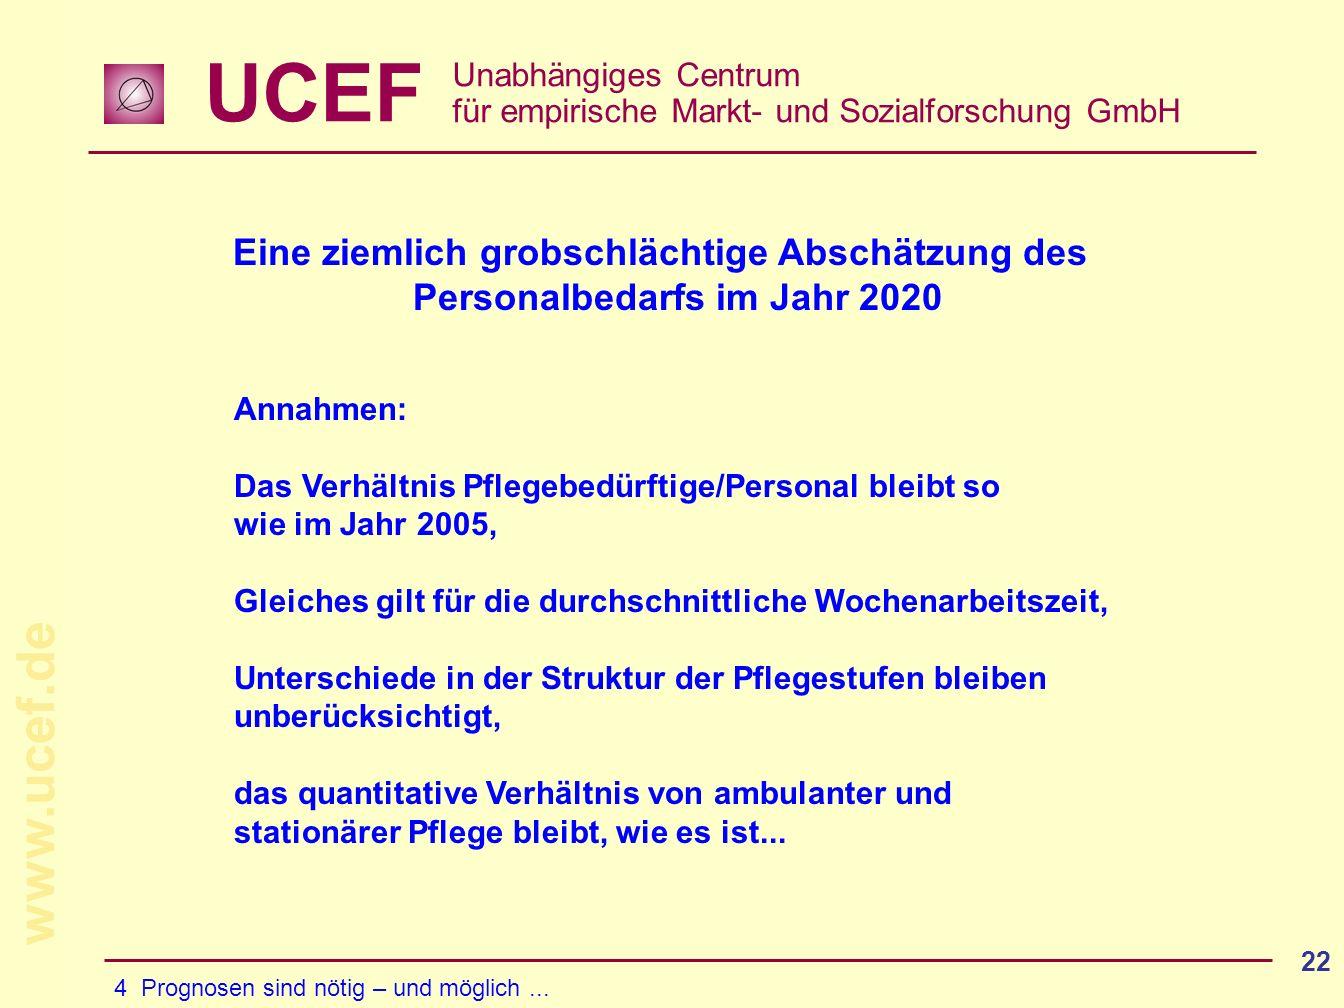 UCEF Unabhängiges Centrum für empirische Markt- und Sozialforschung GmbH www.ucef.de 22 Eine ziemlich grobschlächtige Abschätzung des Personalbedarfs im Jahr 2020 Annahmen: Das Verhältnis Pflegebedürftige/Personal bleibt so wie im Jahr 2005, Gleiches gilt für die durchschnittliche Wochenarbeitszeit, Unterschiede in der Struktur der Pflegestufen bleiben unberücksichtigt, das quantitative Verhältnis von ambulanter und stationärer Pflege bleibt, wie es ist...